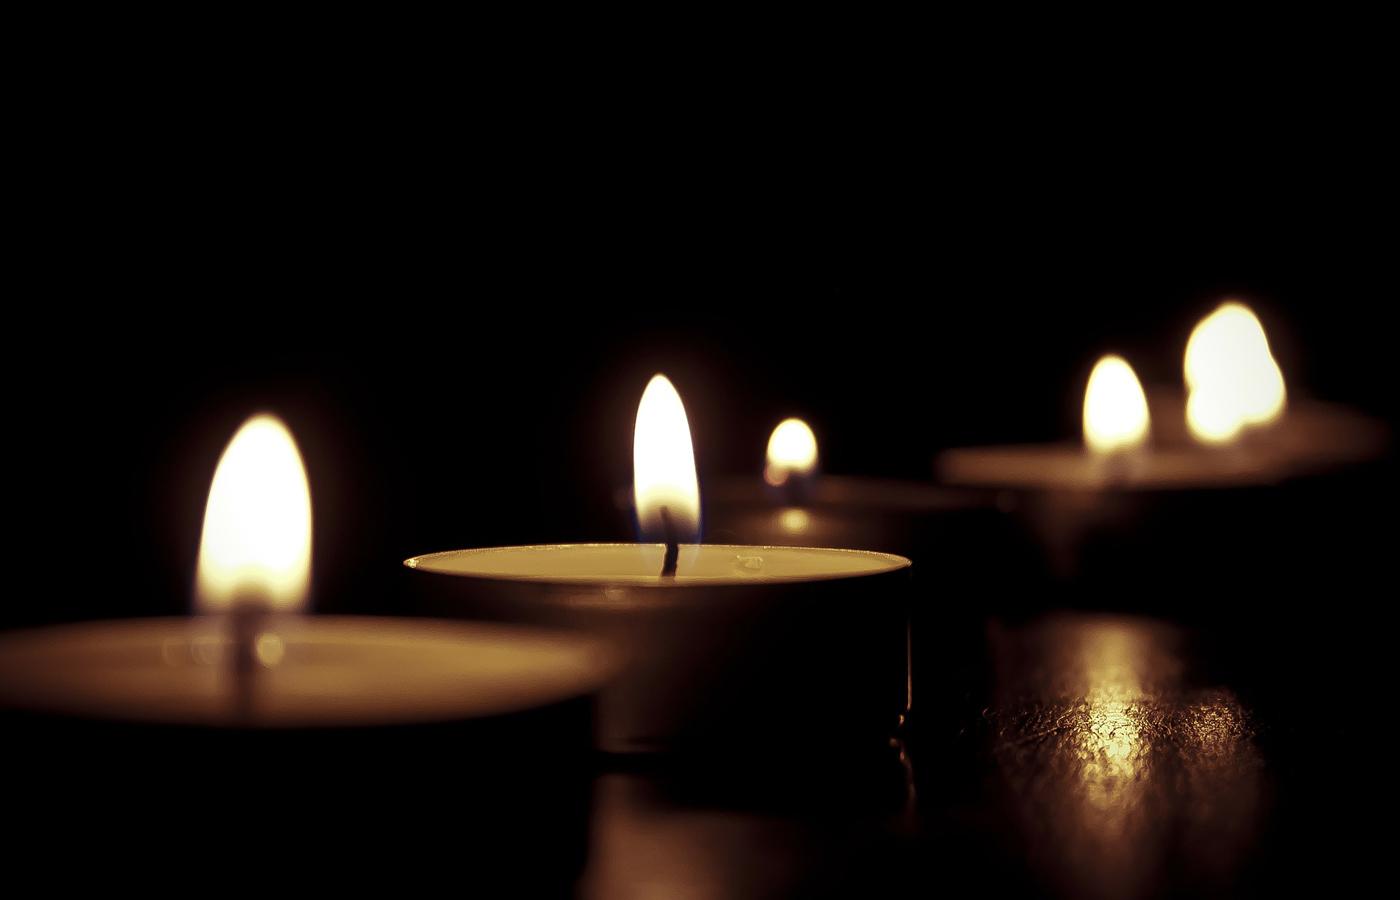 13 июля — общенациональный день траура